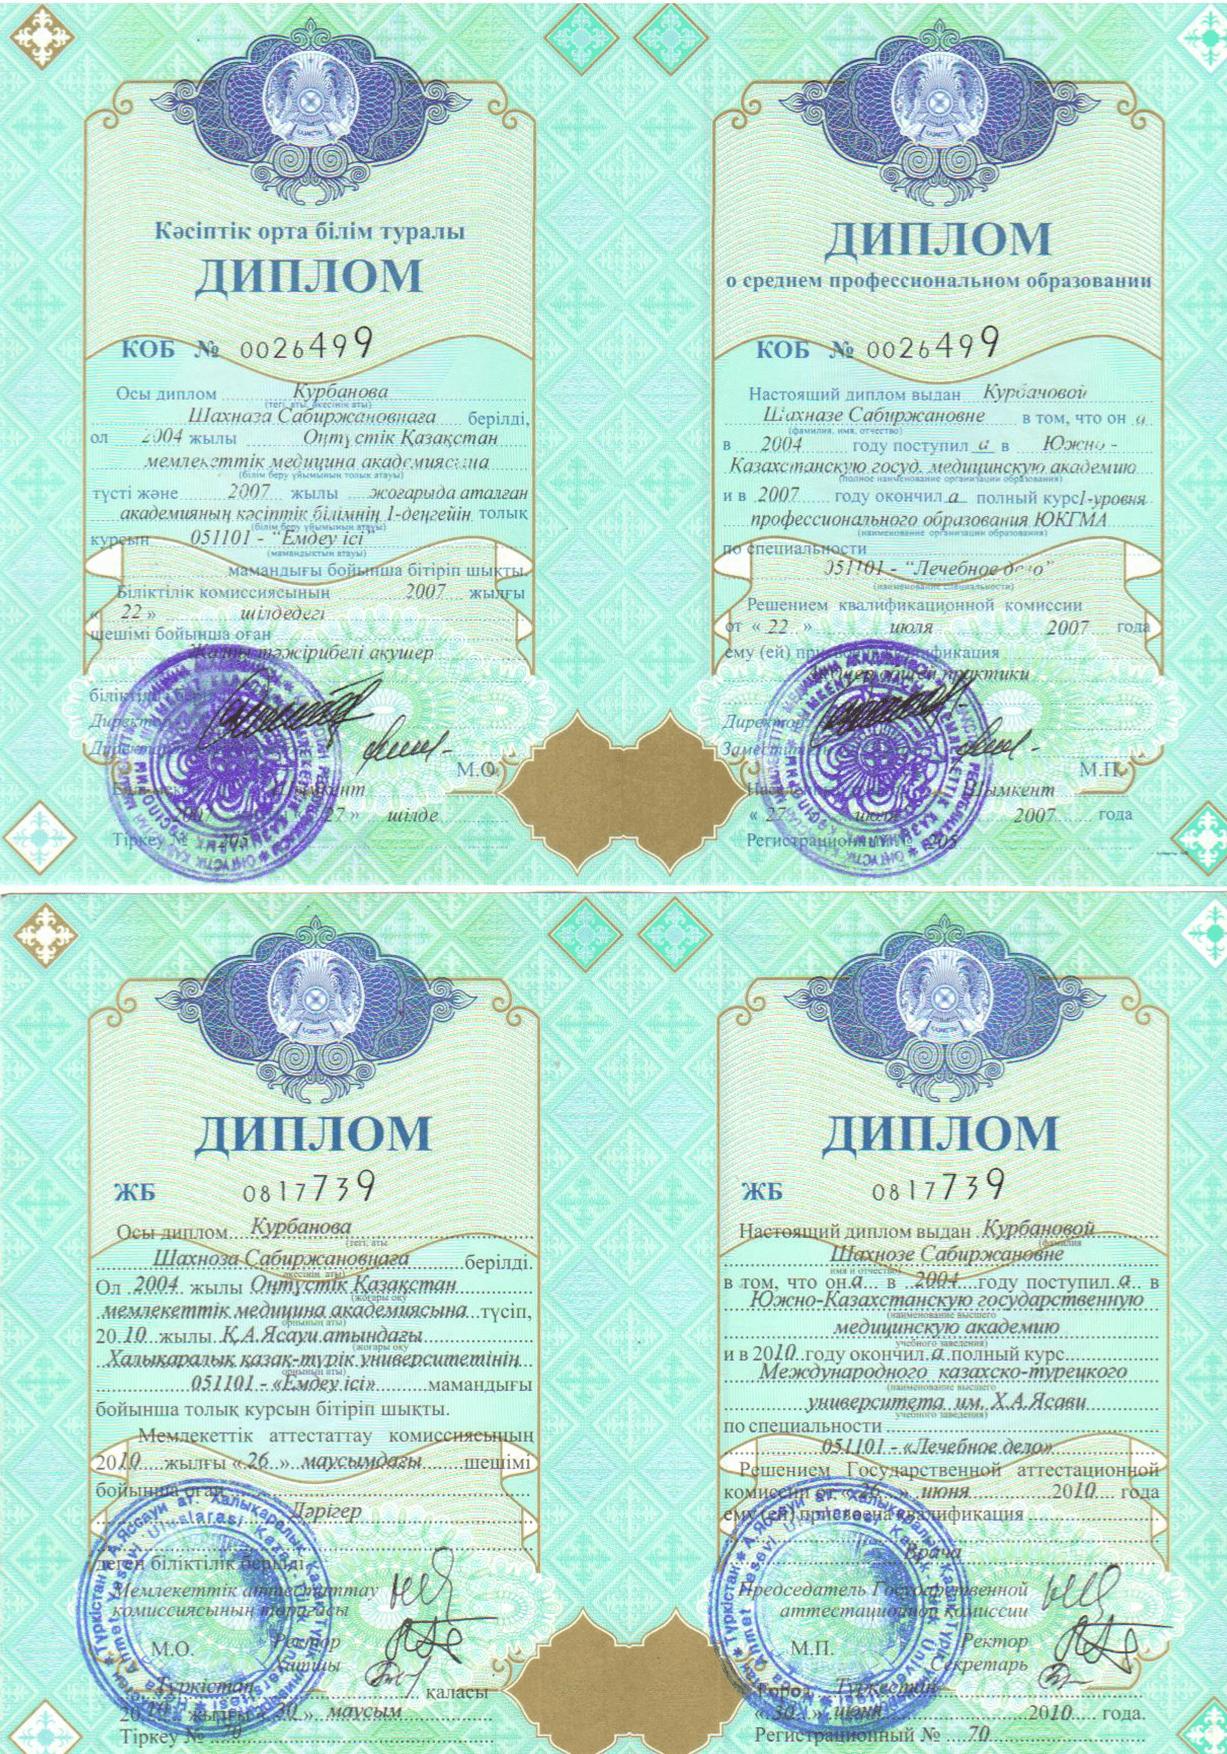 Диплом Фукциональной диагностики клиники Akniet Shipa сайрамский р-н. с. Карабулак